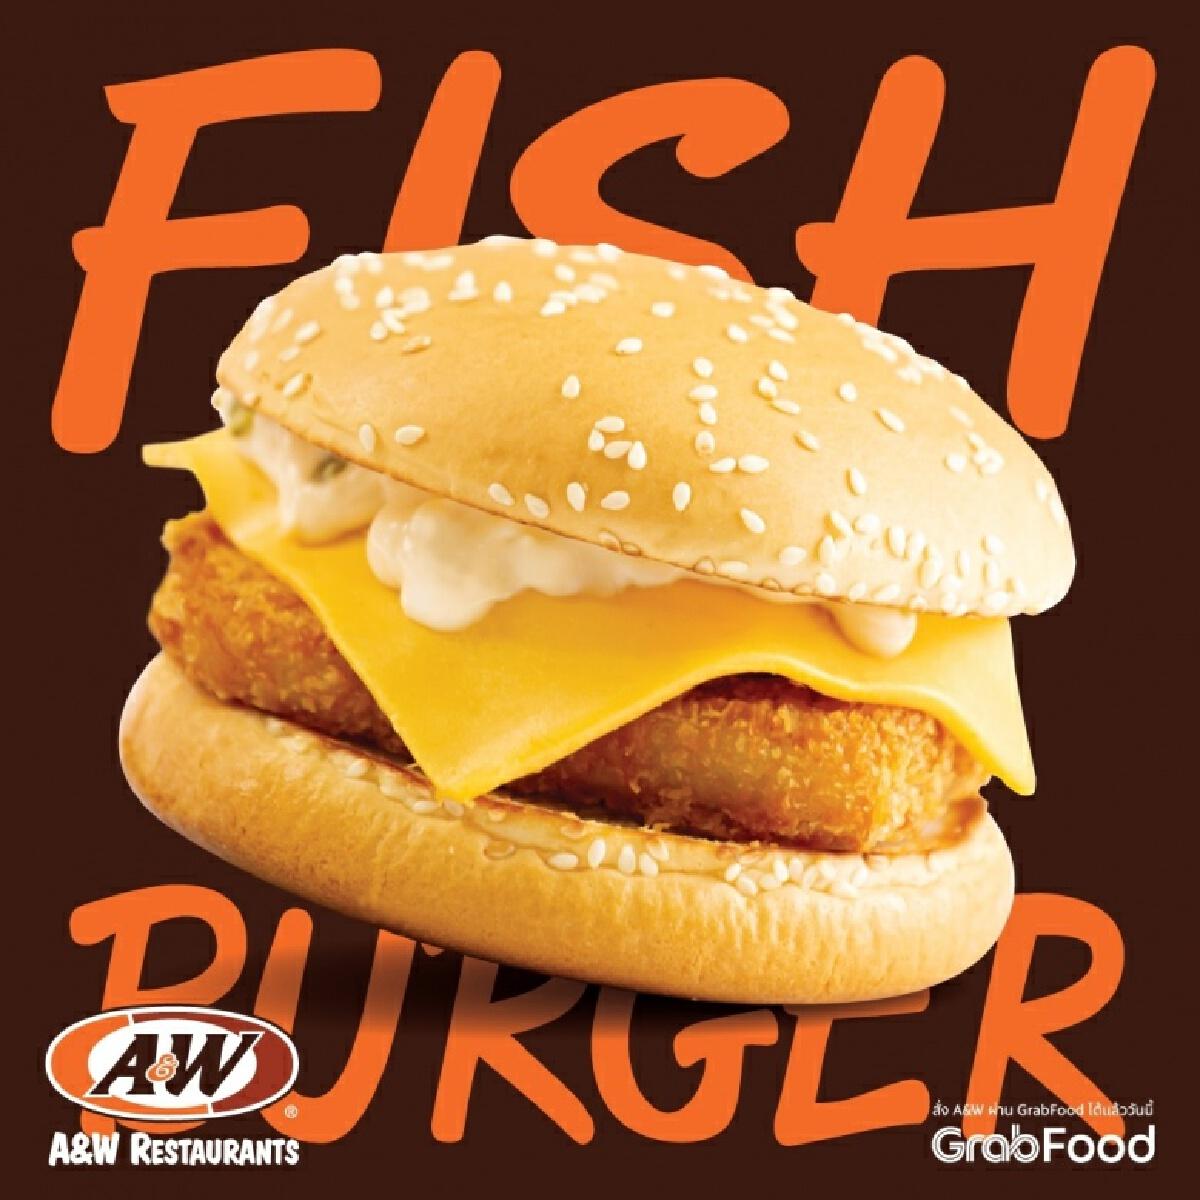 A&W เปิดความอร่อยชิ้นใหม่ Fish Burger ที่สายเฮลตี้ต้องลอง